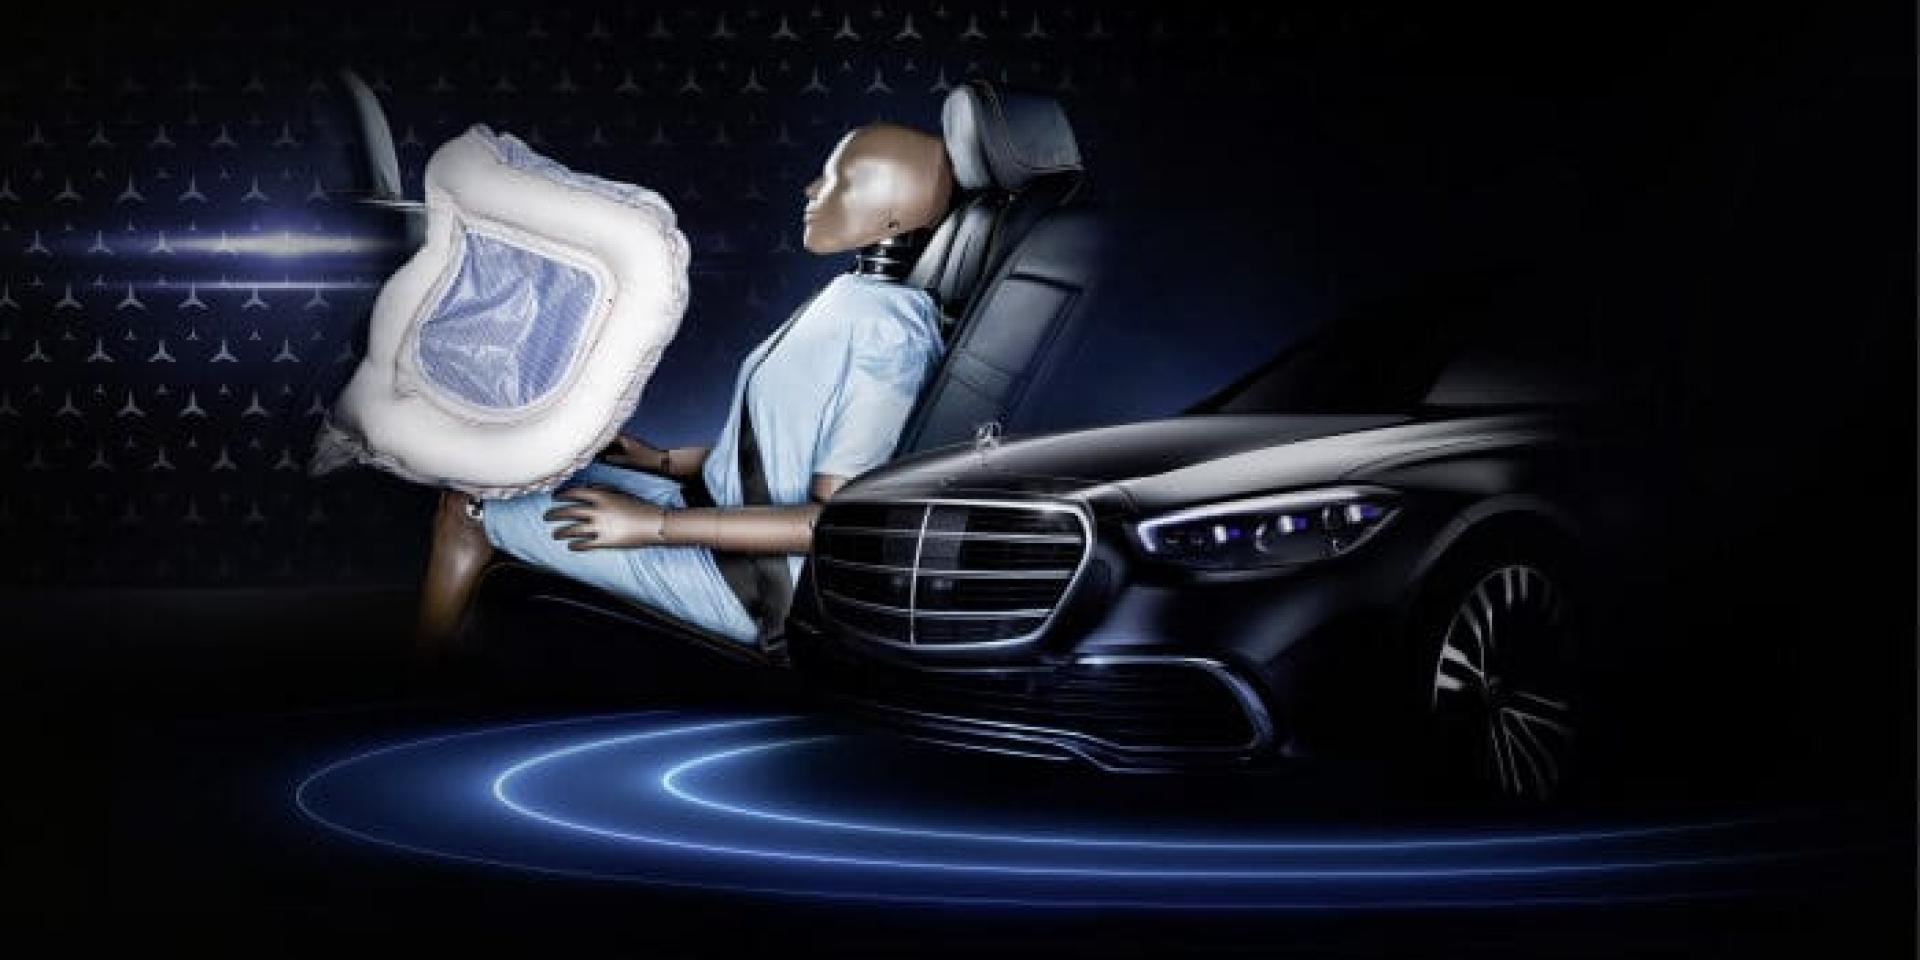 安全再升級!Mercedes-Benz將配置後座正面氣囊!